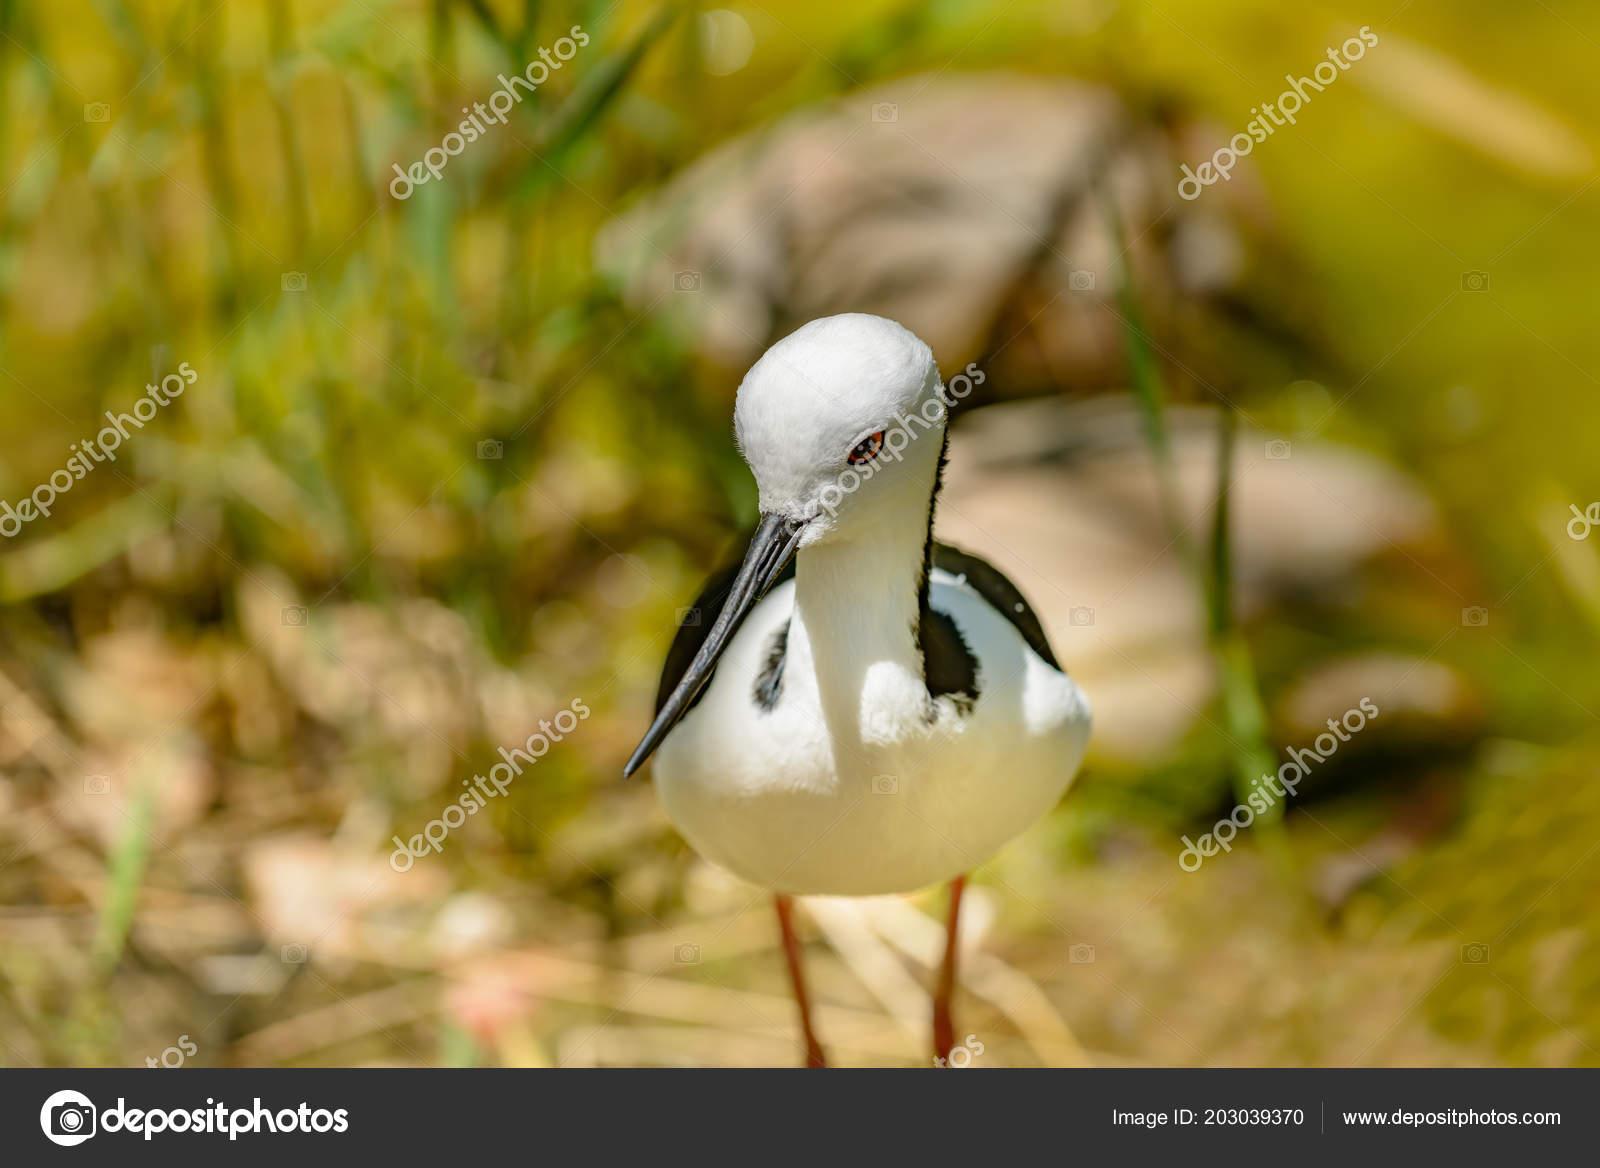 Na stůl položíme obrázky přezimujících ptáků (kos, vrabec, sýkora, straka, datel, Mám bílo-černé peří, dlouhé nohy, úzký dlouhý zobák a hnízdím na komíně.